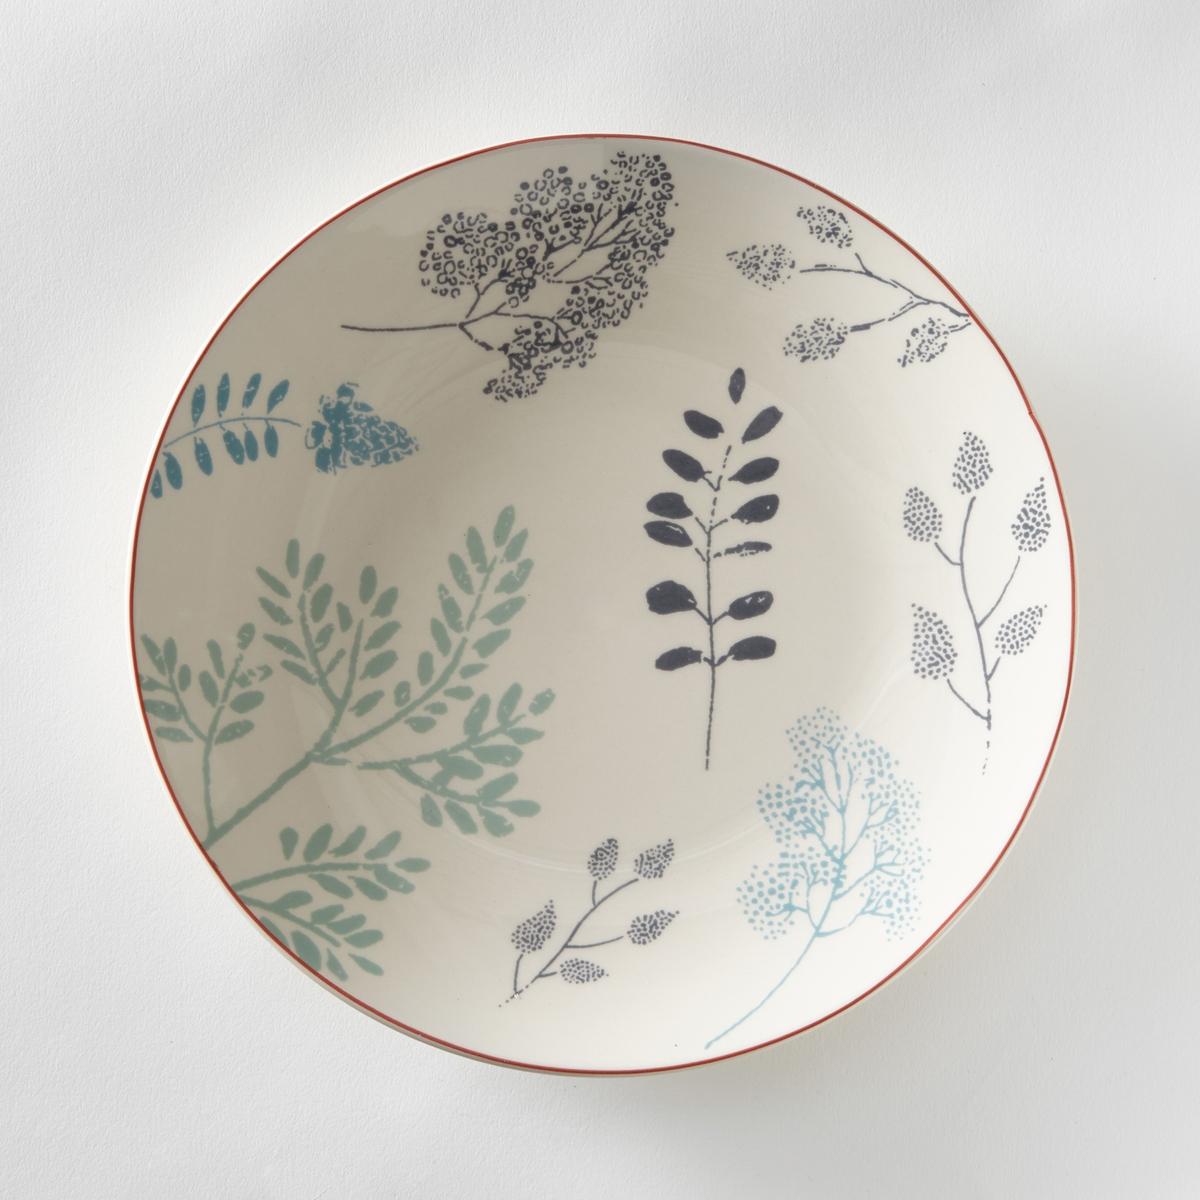 4 тарелки плоские с рисунком гербарийХарактеристики 4 плоских тарелок  с рисунком гербарий   :- Из крашенного фаянса  .Подходит для посудомоечной машины и микроволновой печи.  Размер тарелок :- Диаметр 26,5 см    . Десертные тарелки и чашки того же комплекта продаются на сайте laredoute   .ru<br><br>Цвет: набивной рисунок<br>Размер: единый размер